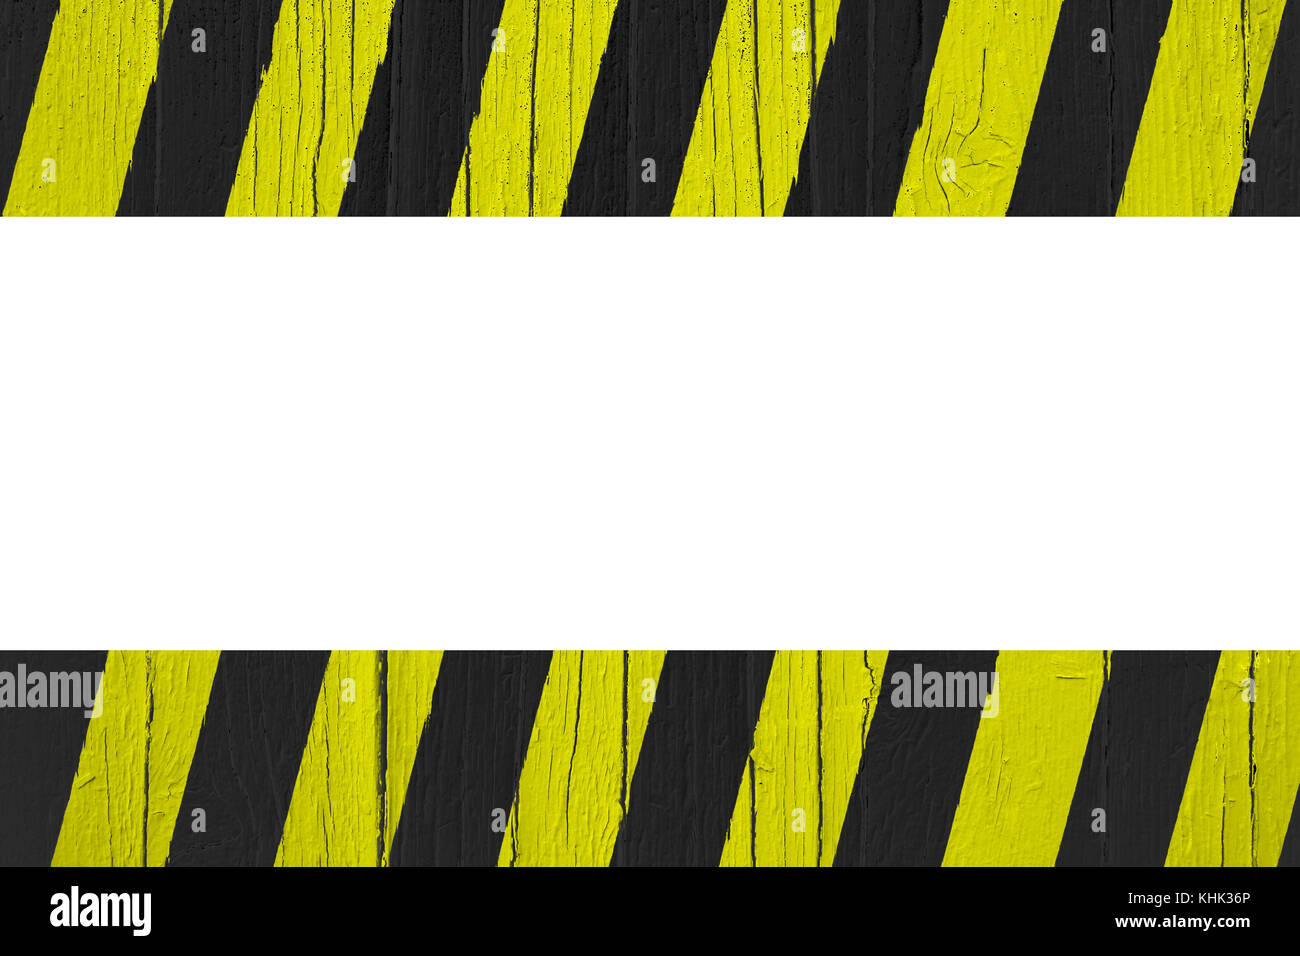 Señal de advertencia amarillo y rayas negras pintadas sobre madera ...